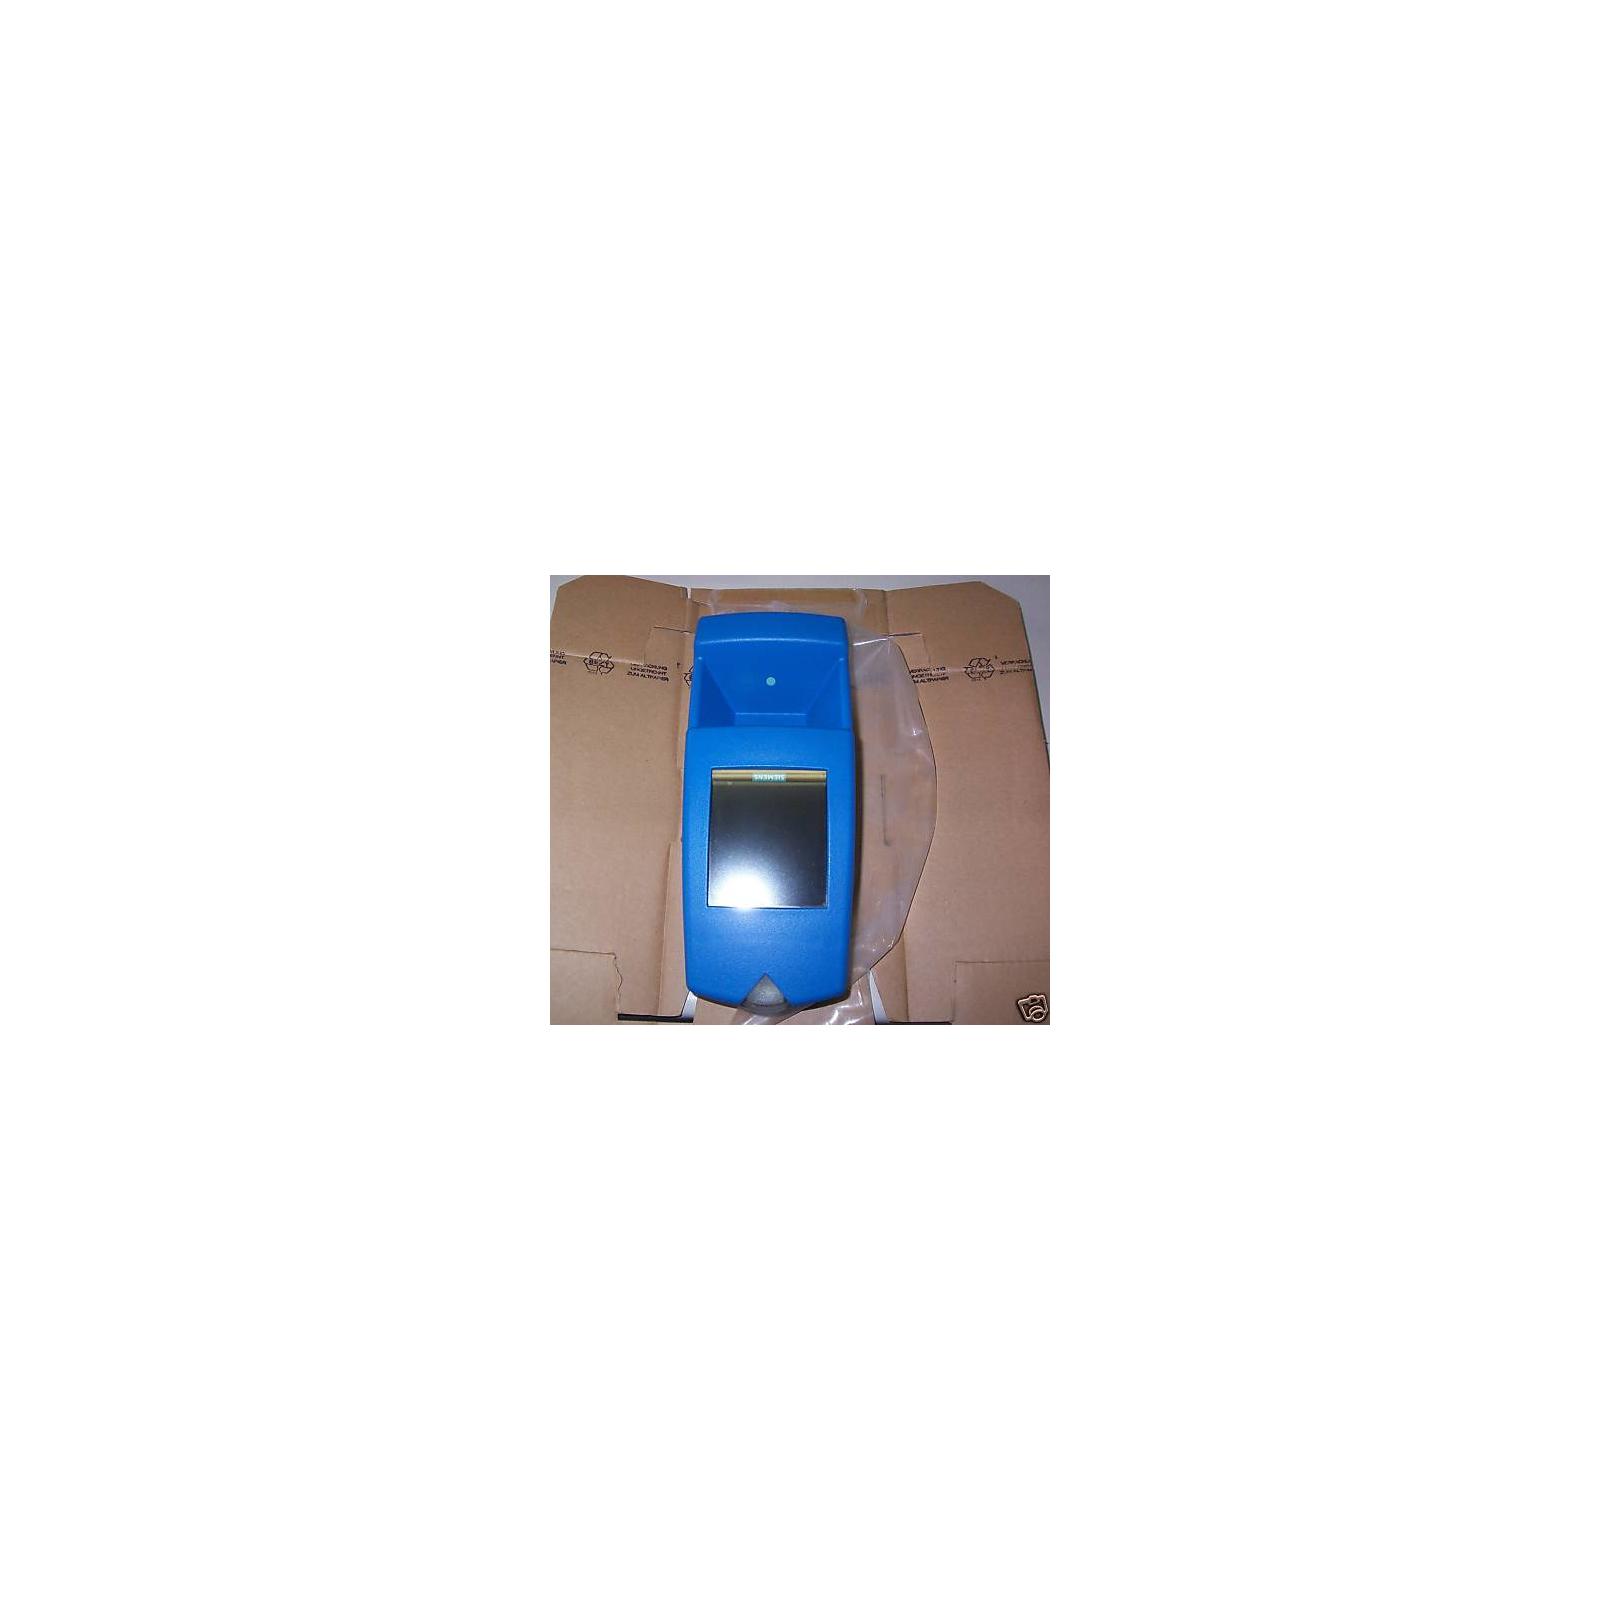 5681 SIEMENS SIMATIC S7 CPU315-2 DP 6ES7 315-2AG10-0AB0 ES 1